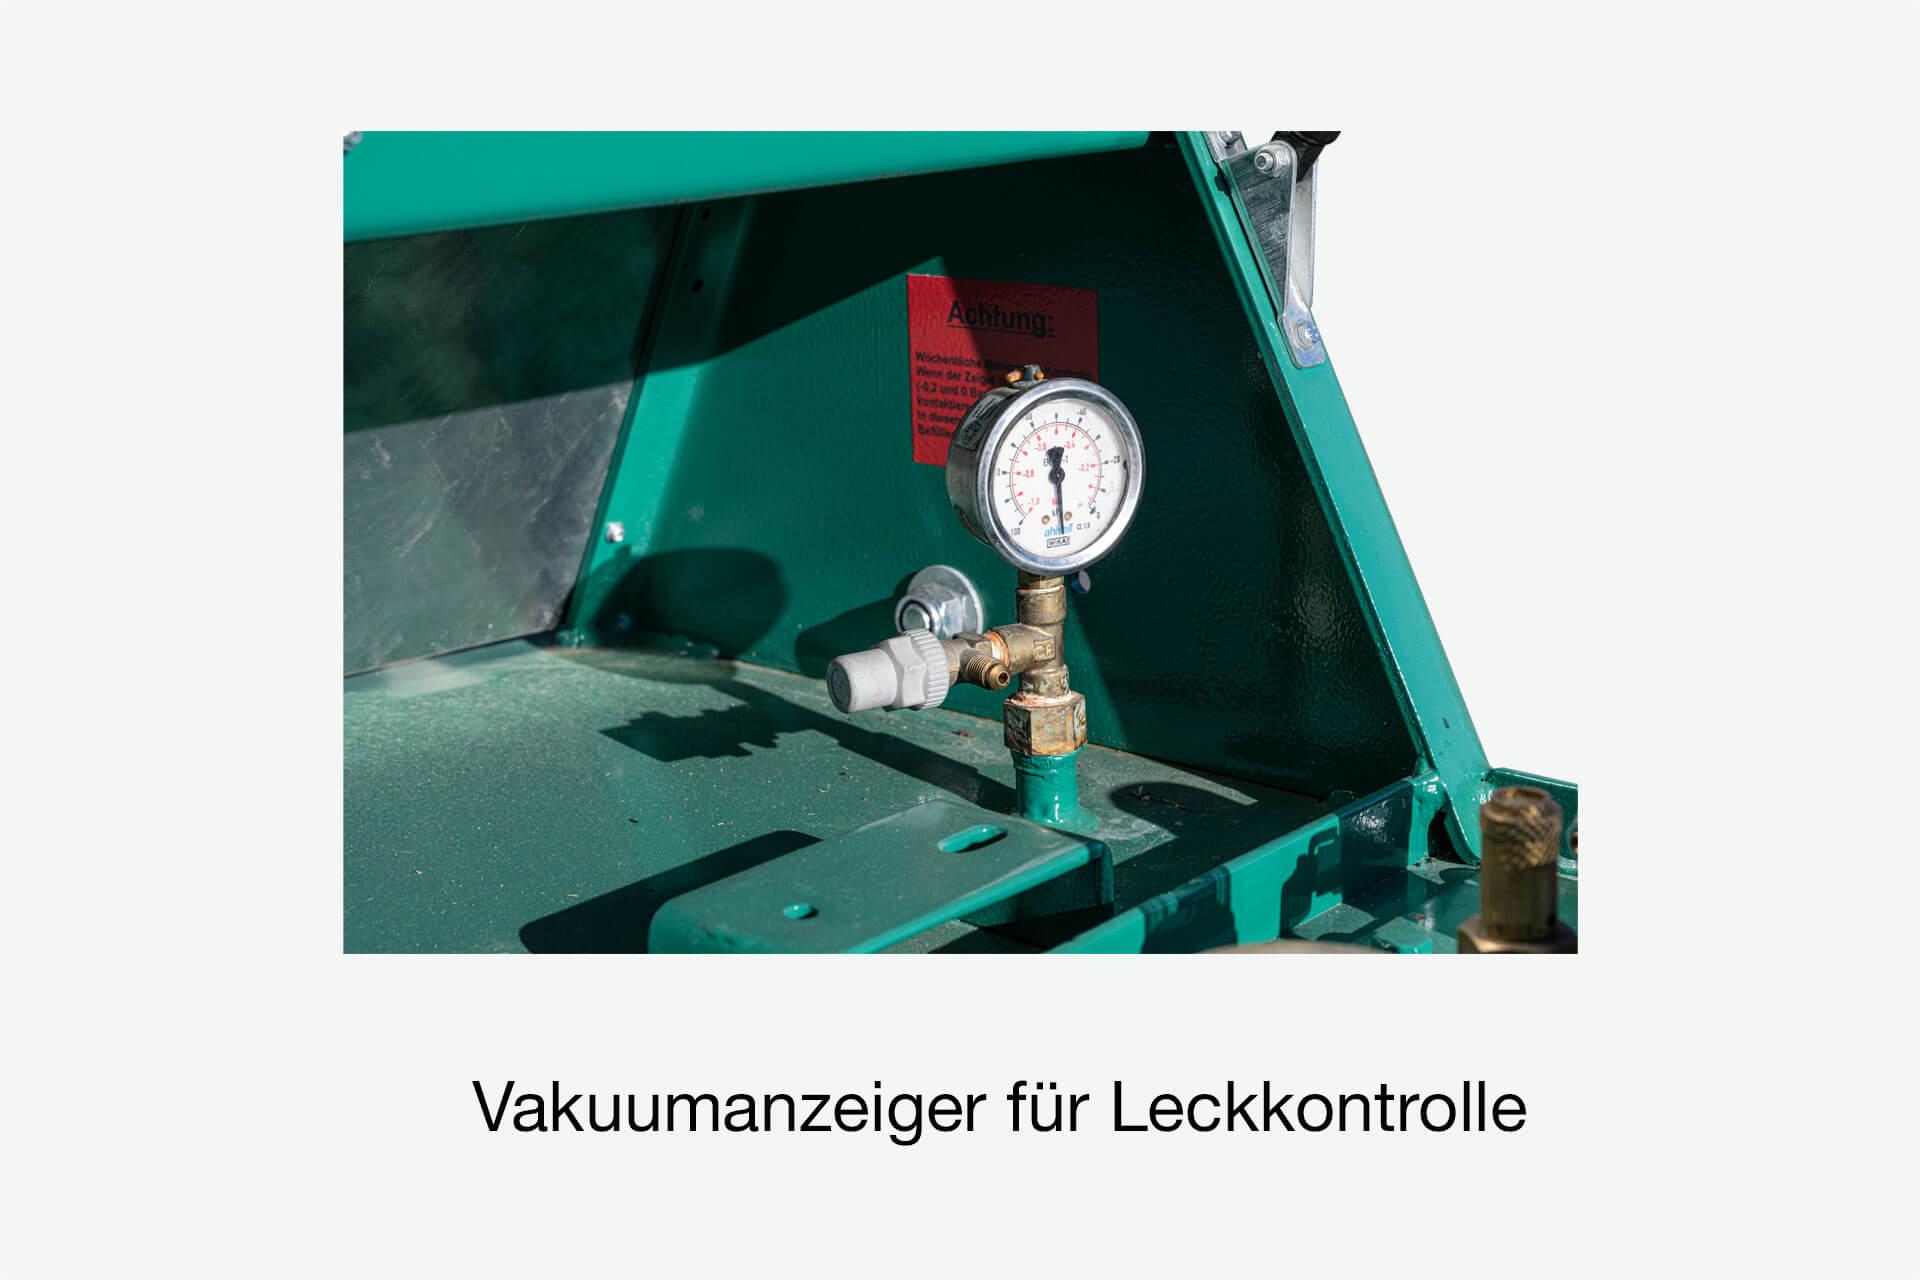 Vakuum-Anzeige